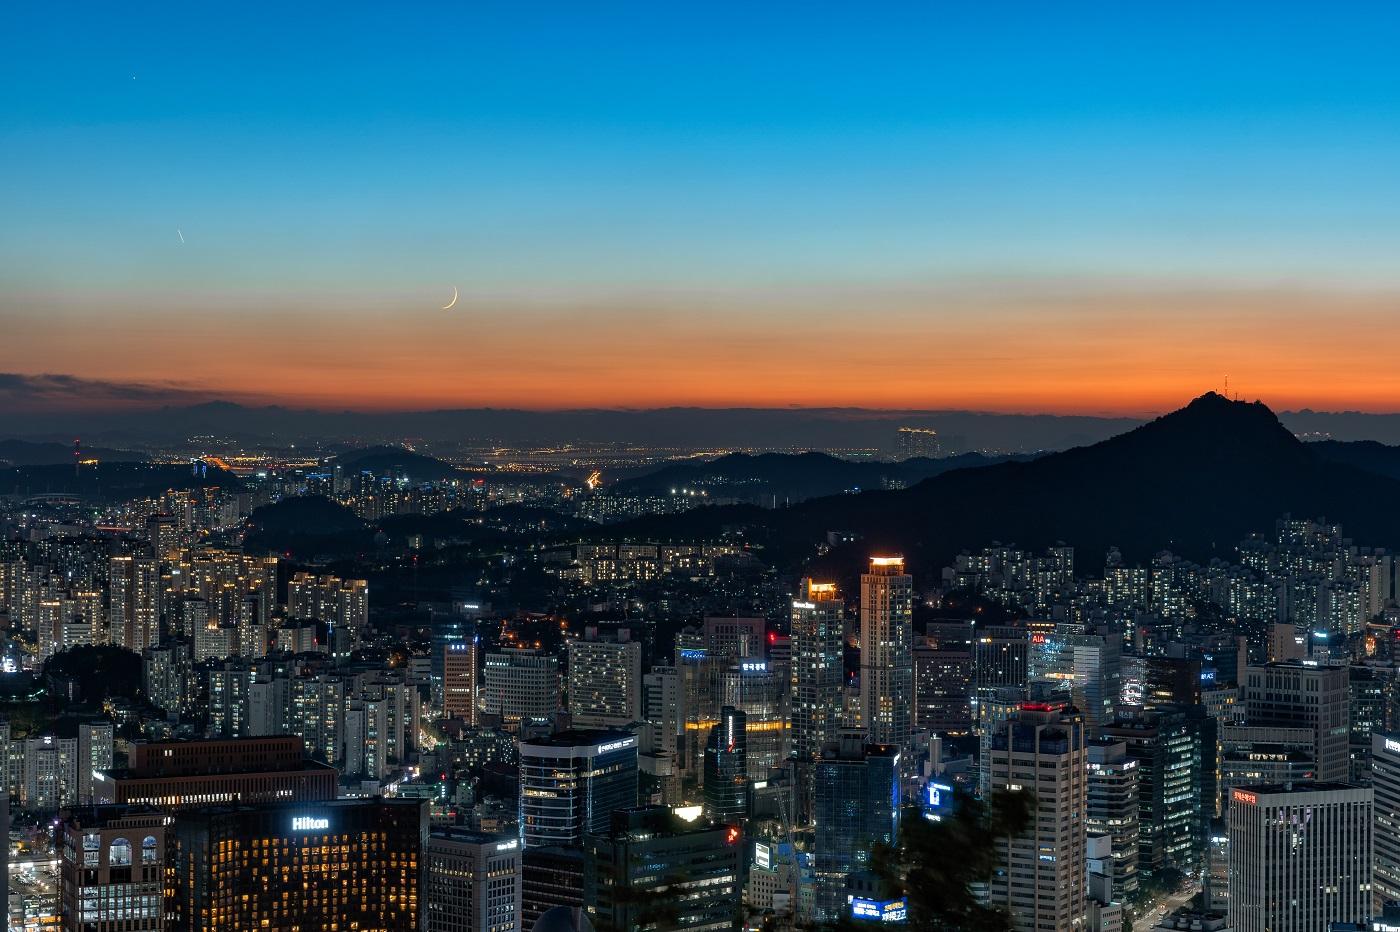 D'ici 2022, tous les bâtiments publics de Séoul seront équipés de panneaux solaires